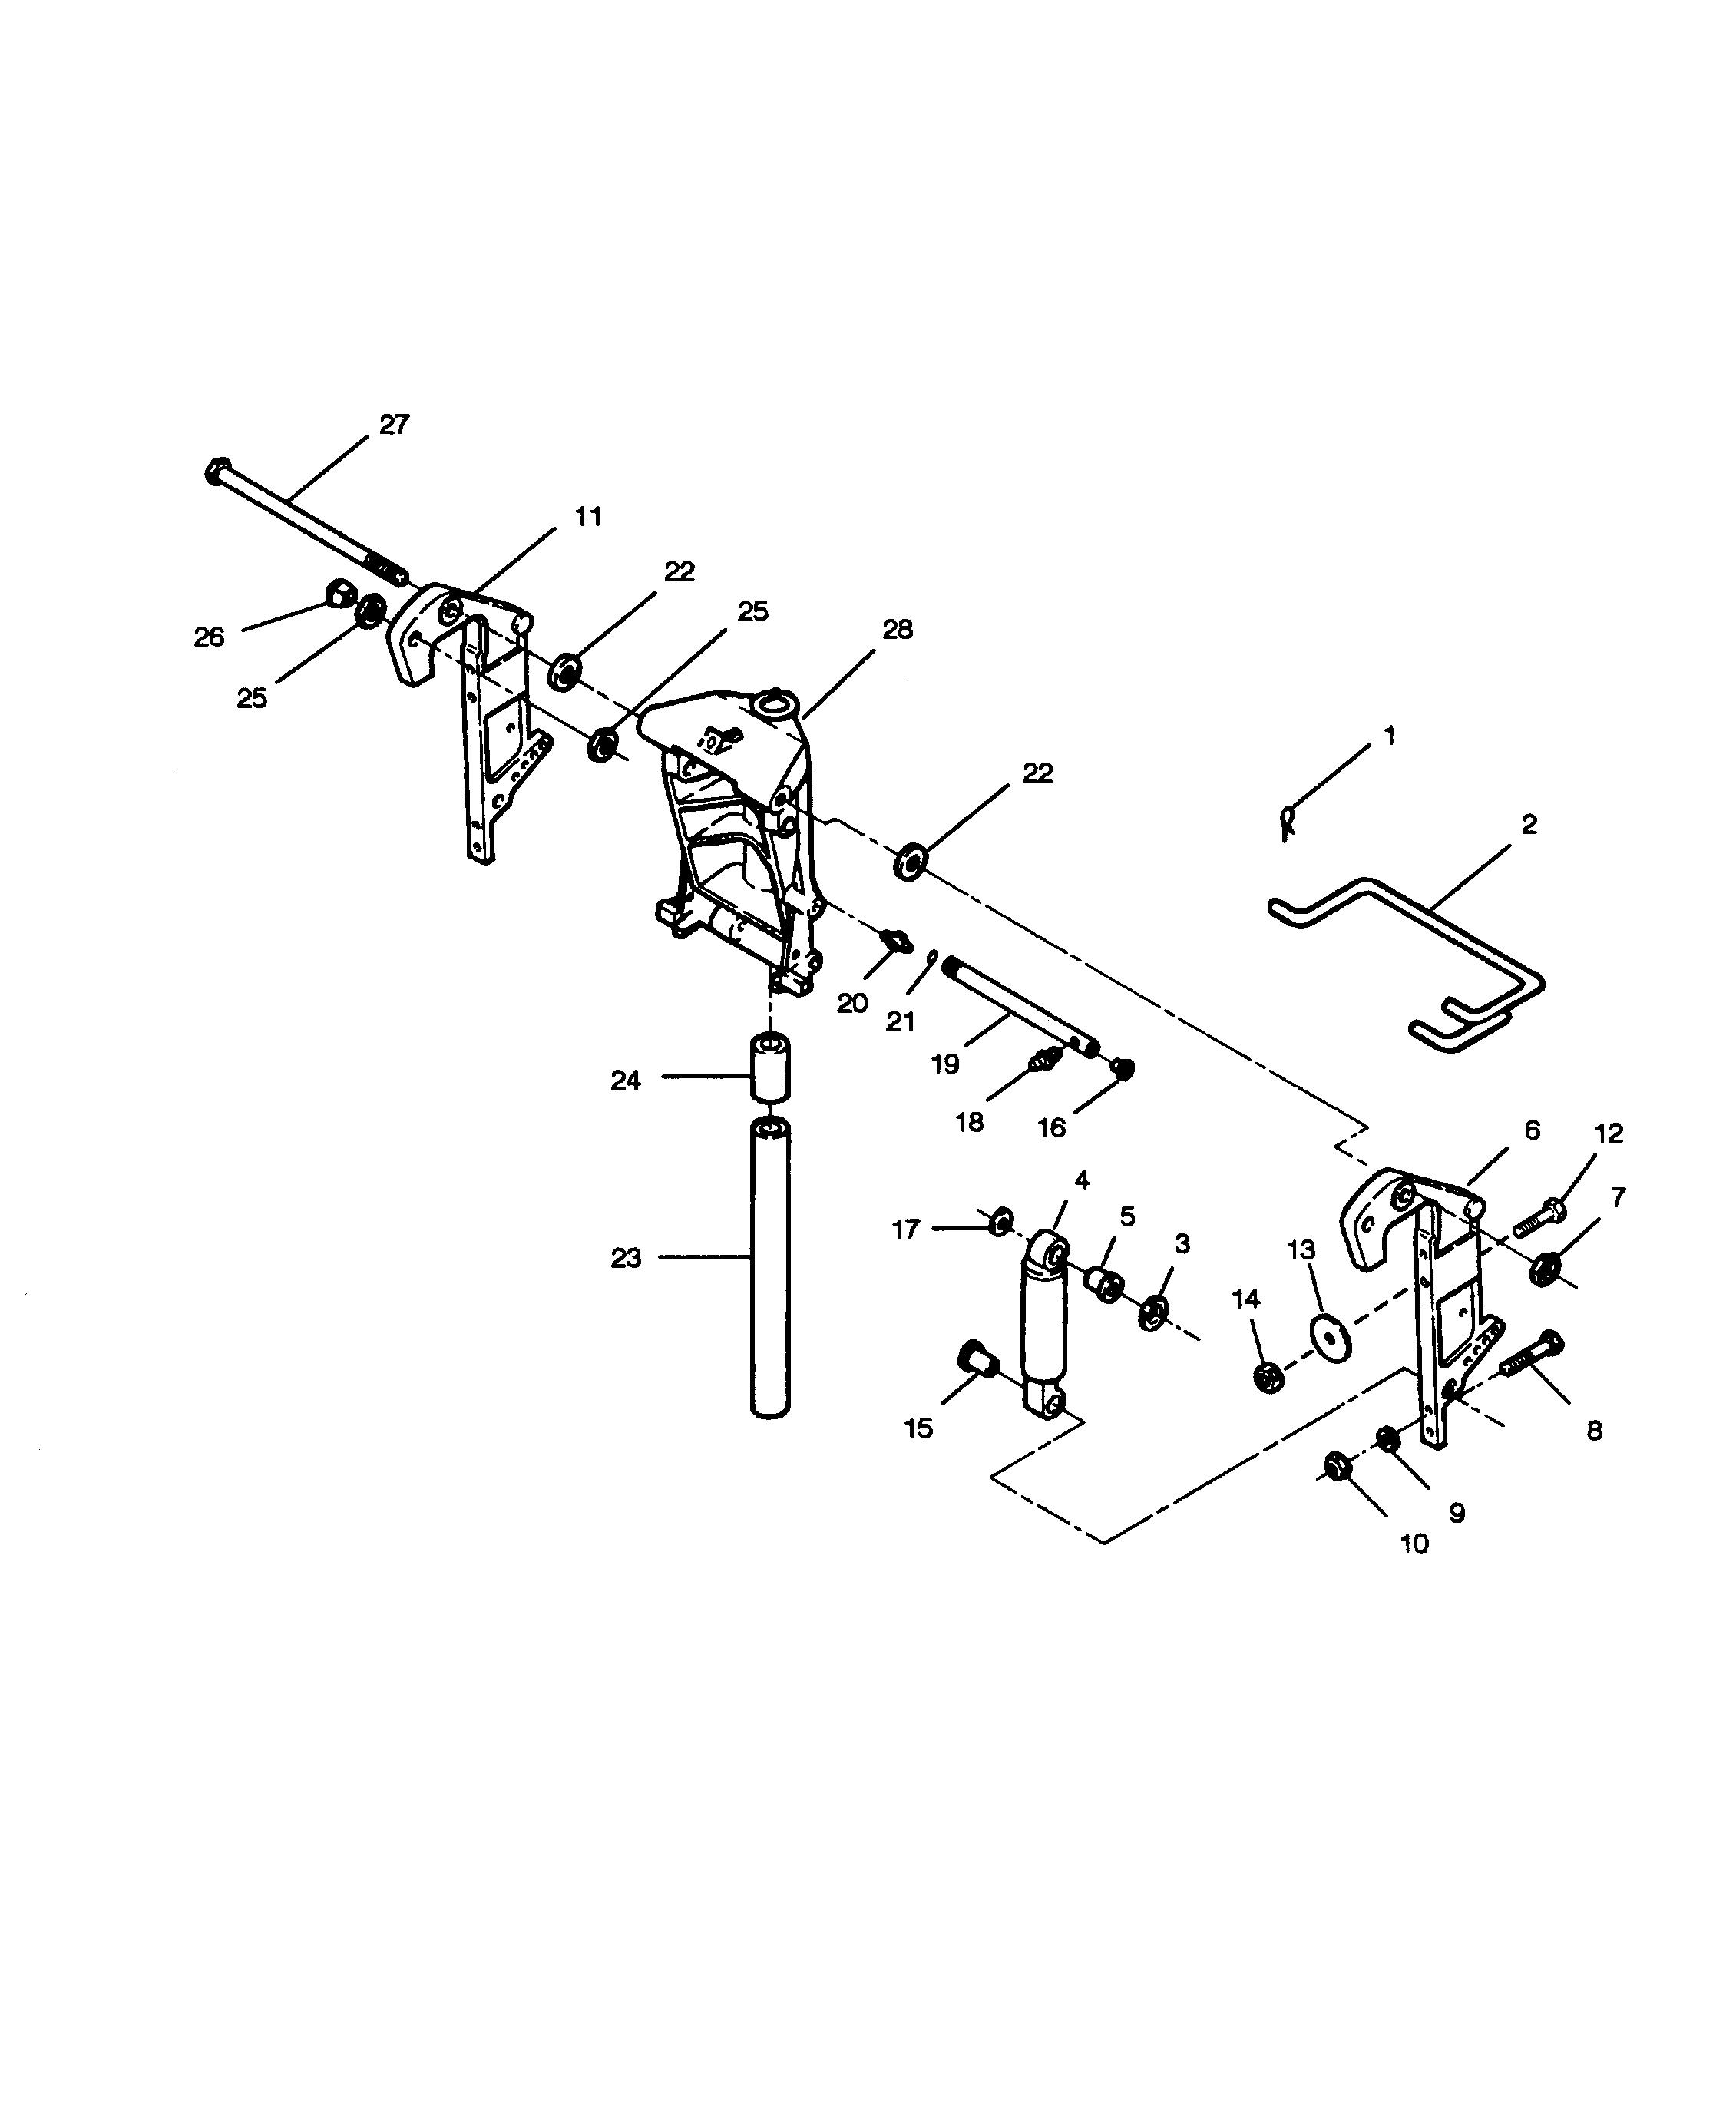 Diagram Tex Big Wiring Kg